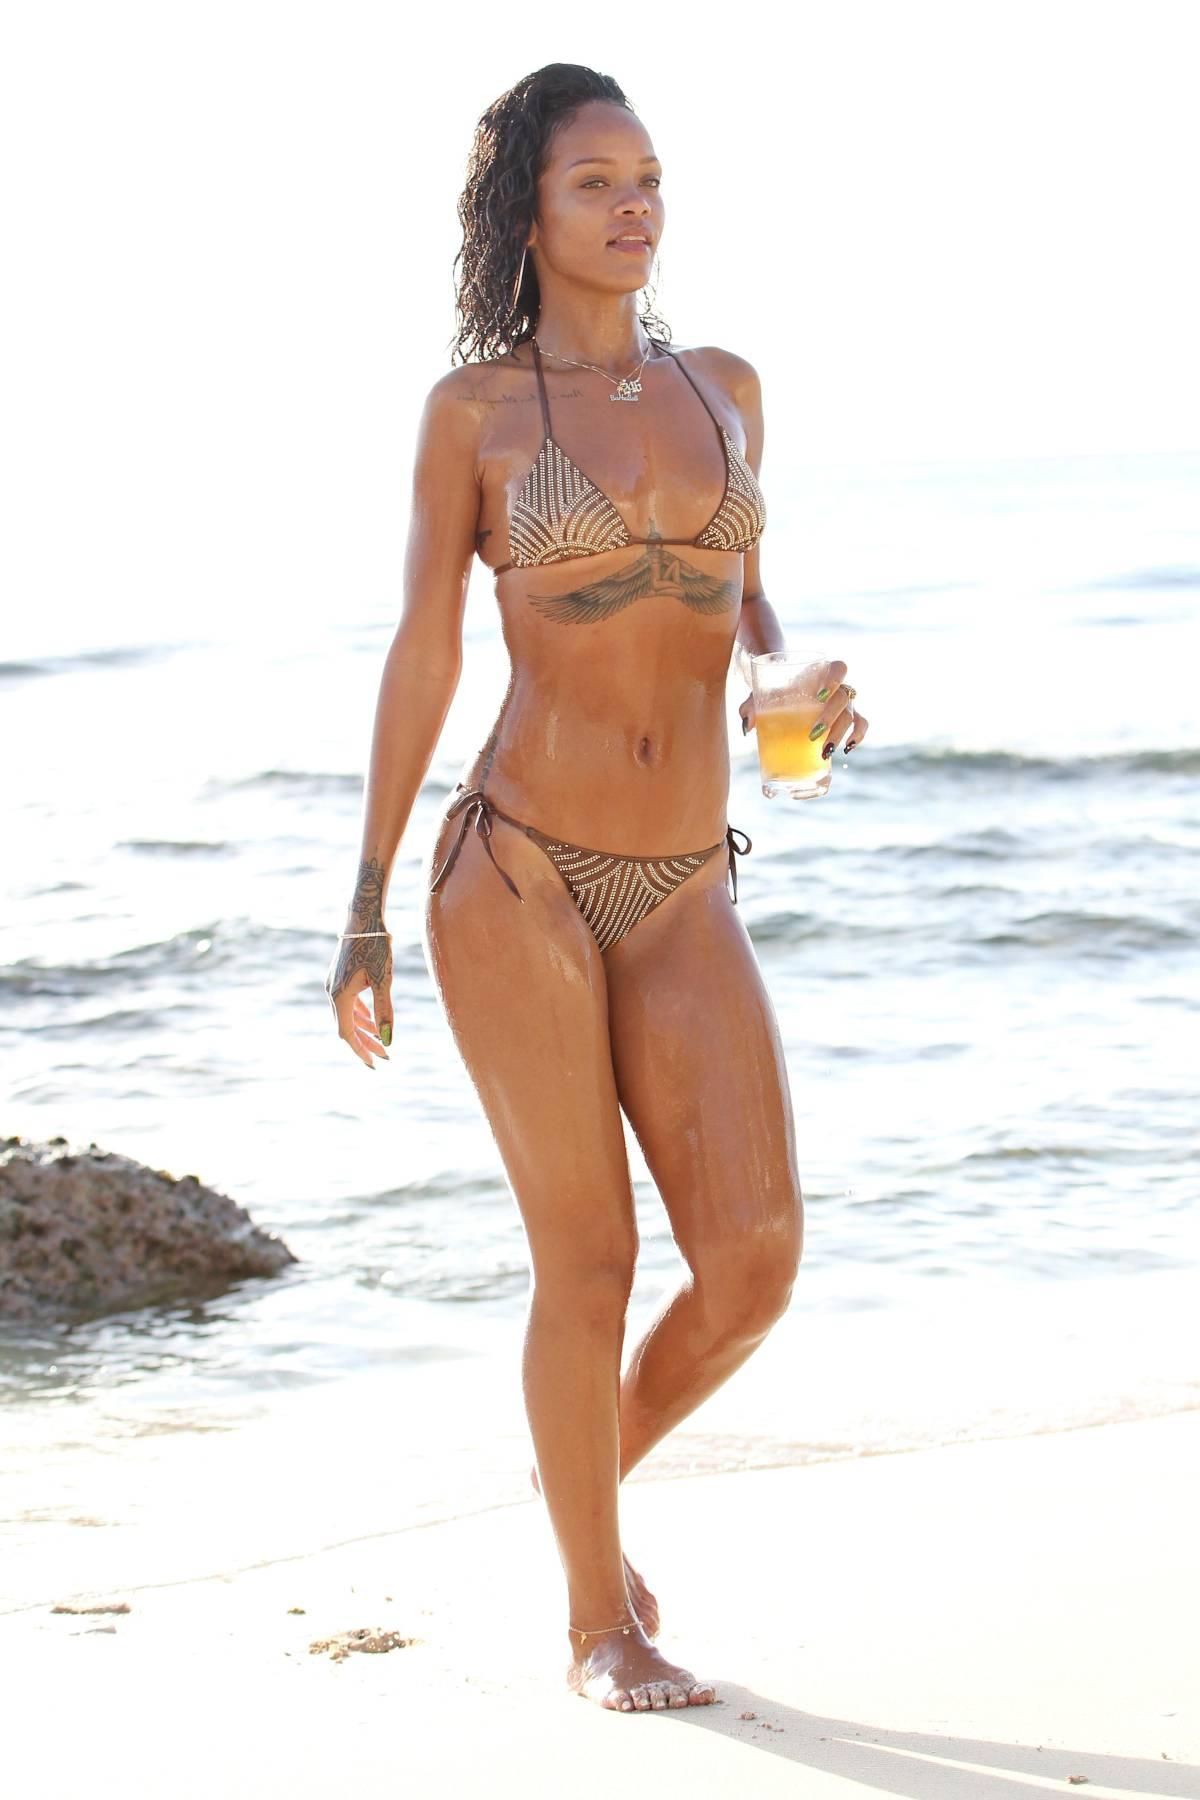 351992832_Rihanna_Bikini_291213_ReSiDuO26_123_495lo.jpg